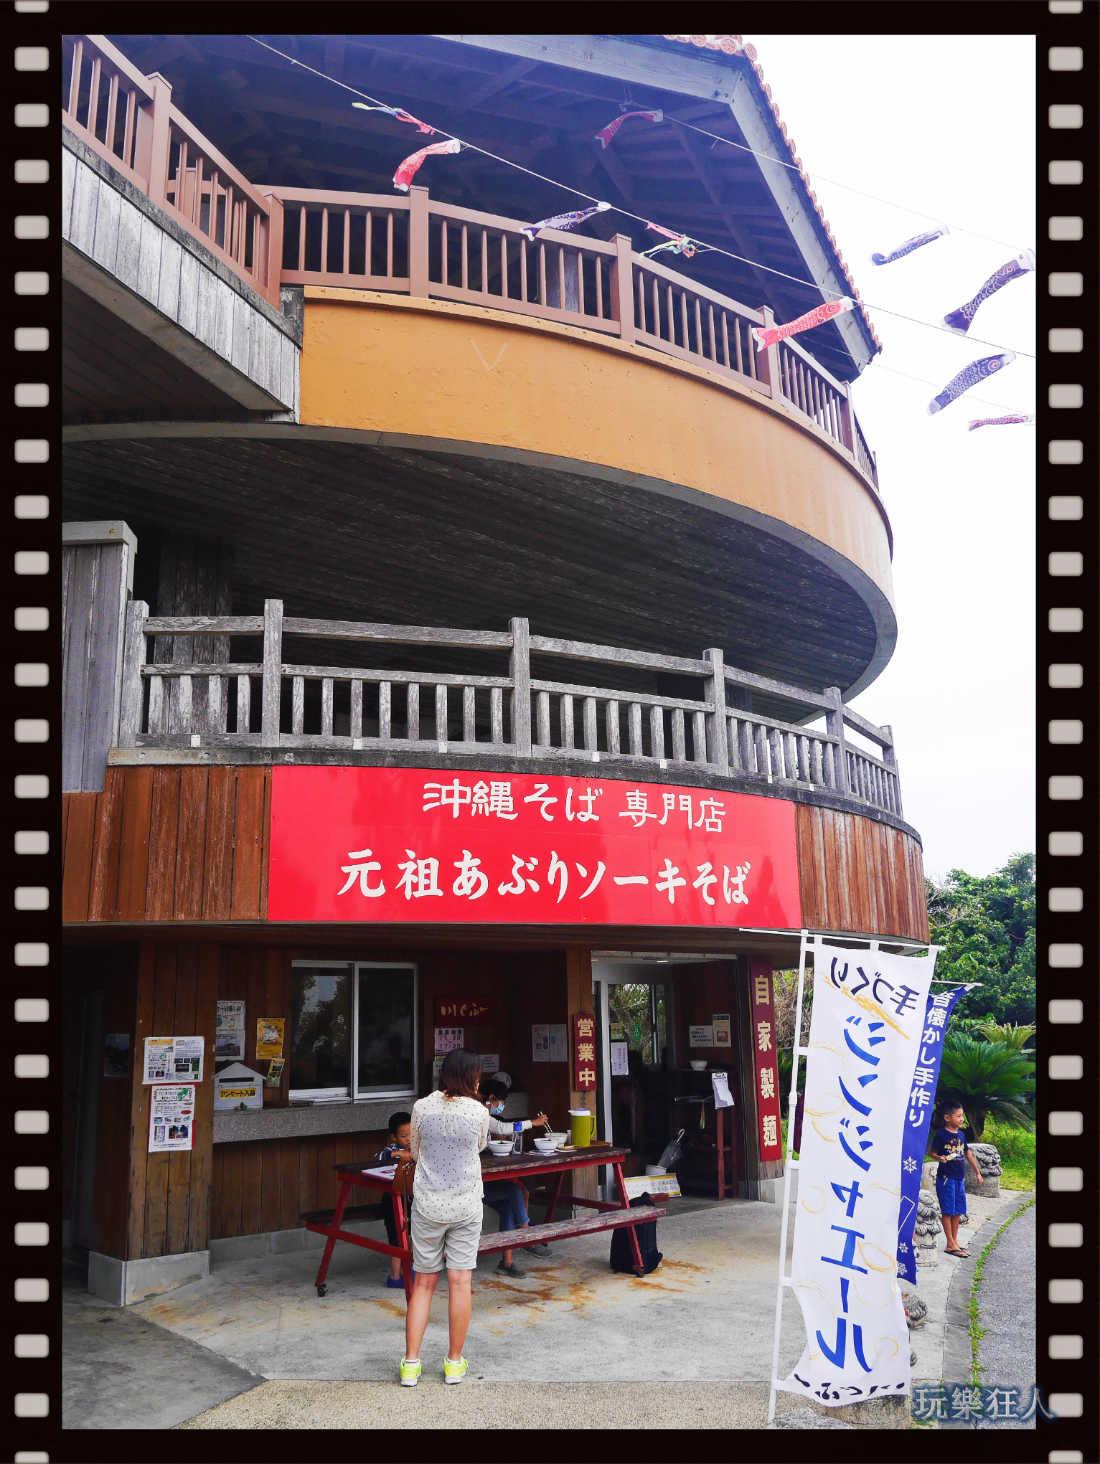 『浦添大公園』眺望台下方「沖繩麵館」